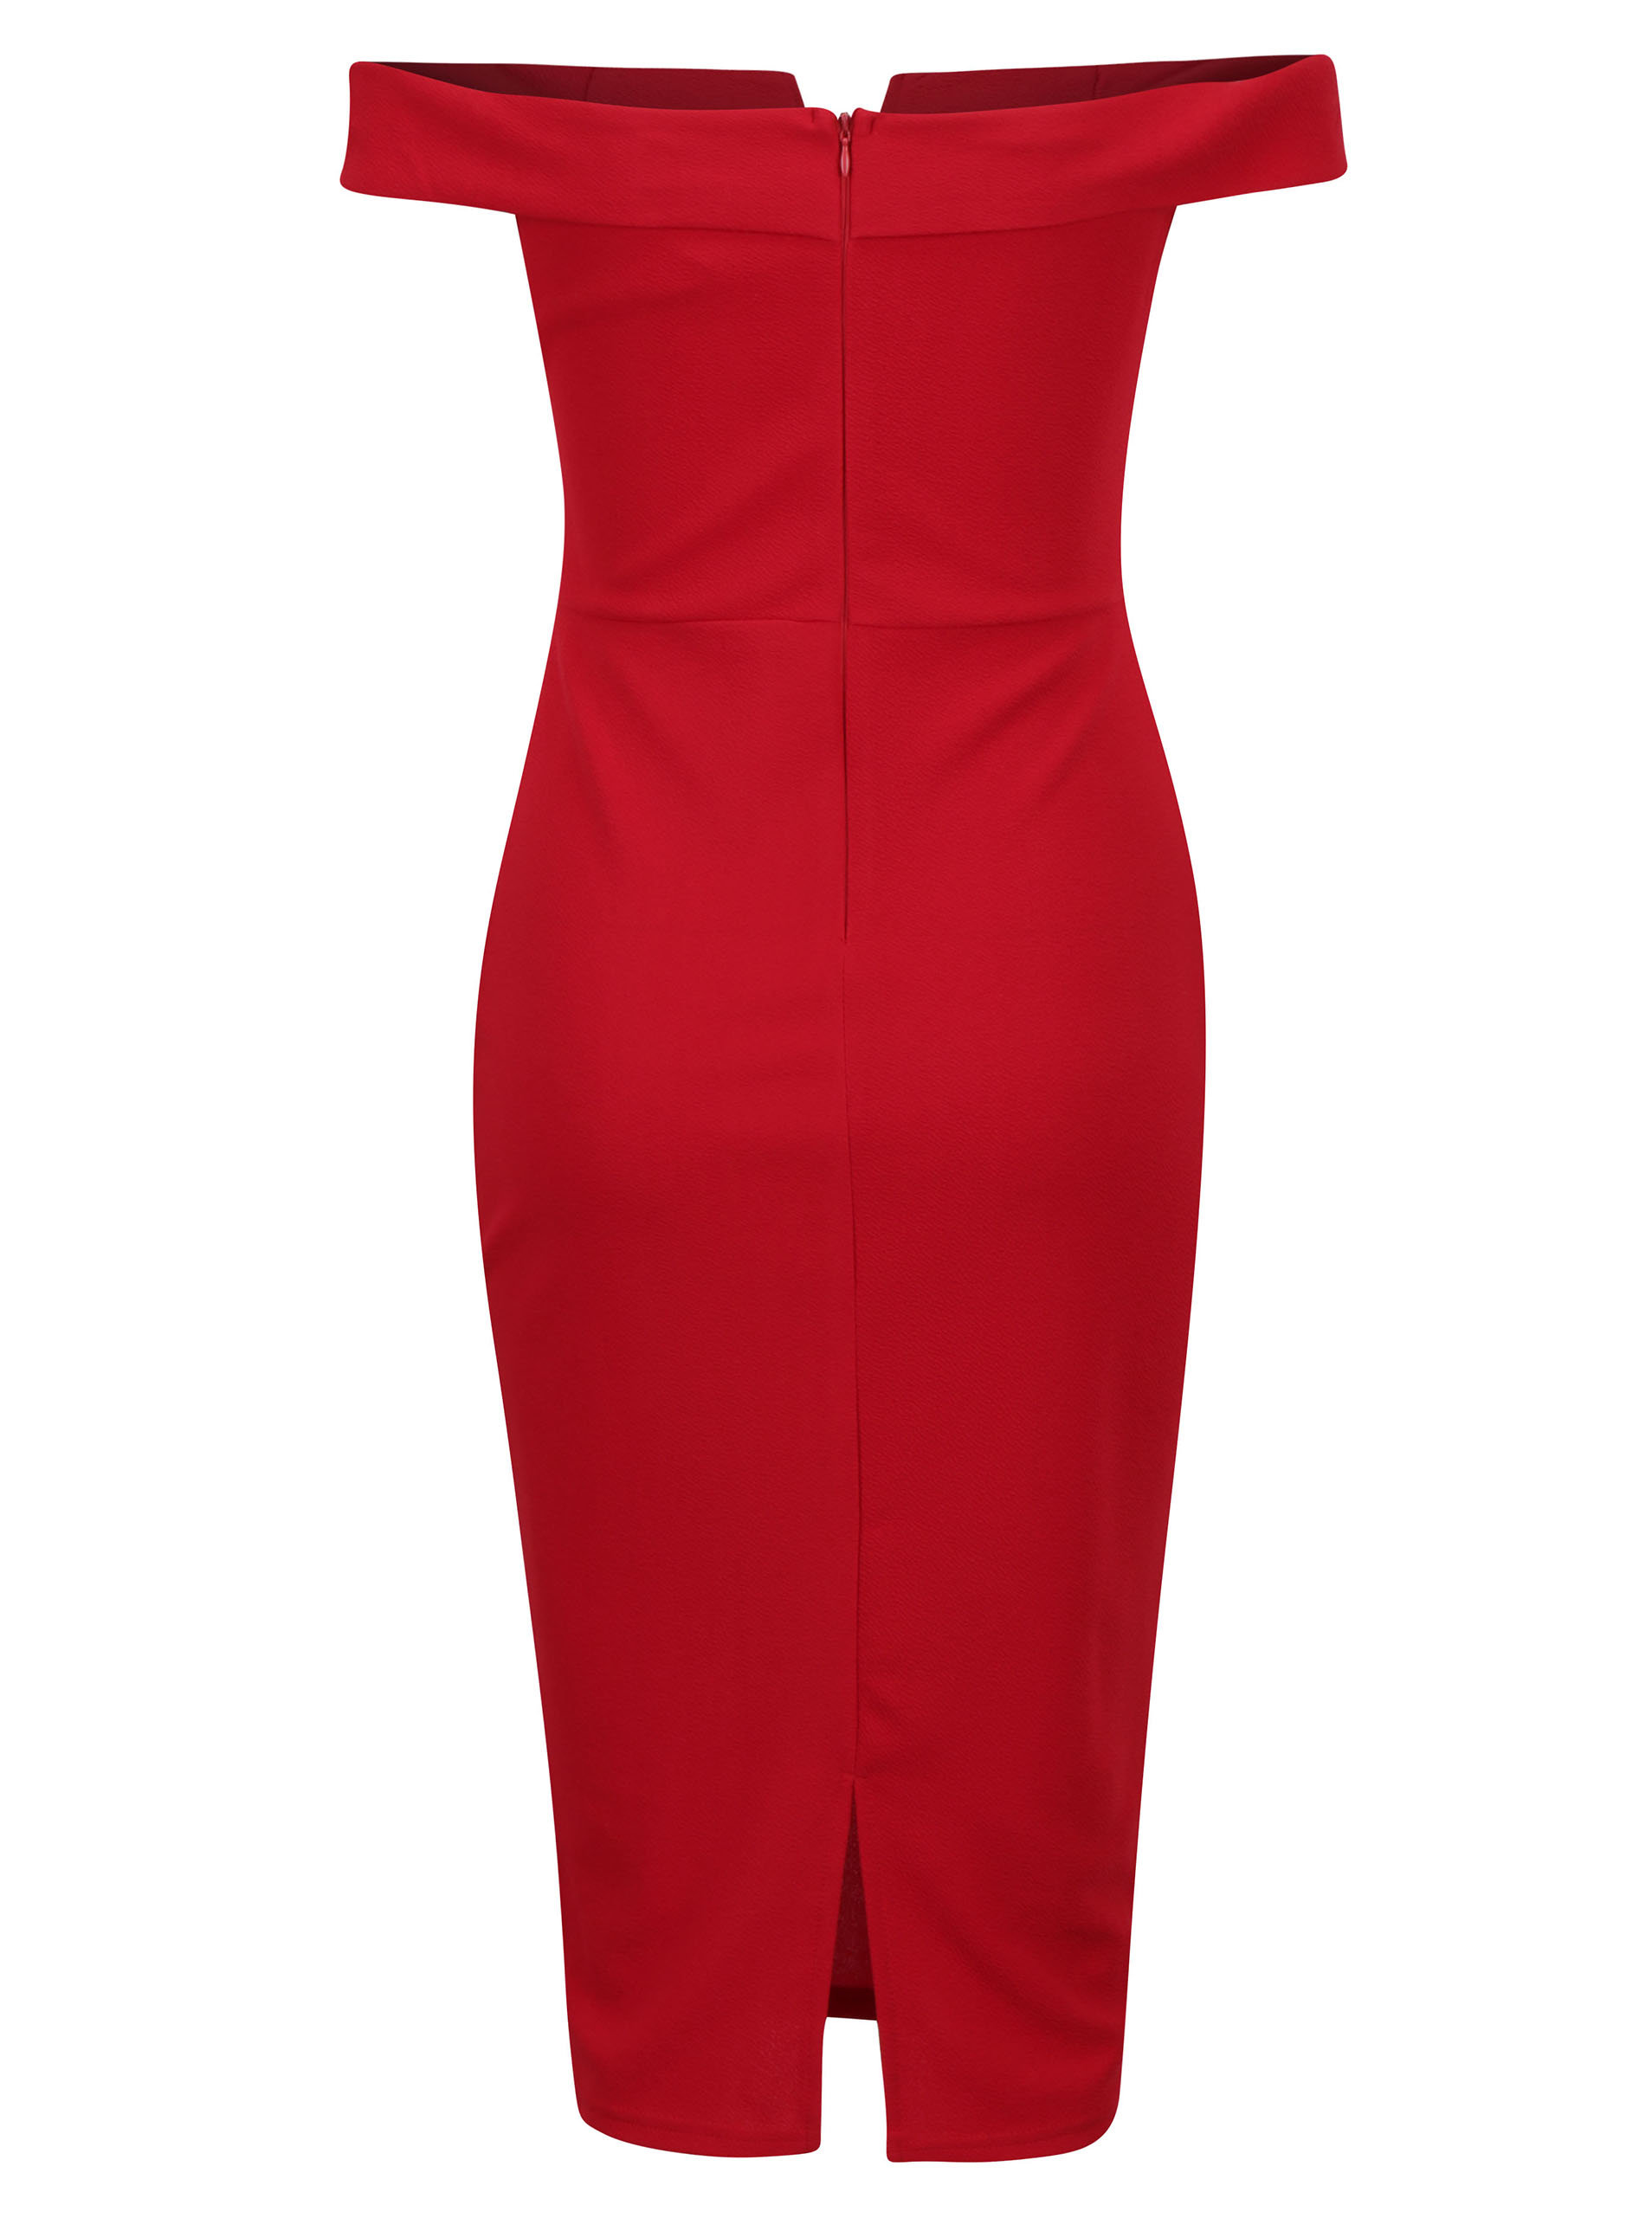 3ae879530185 Červené puzdrové šaty s odhalenými ramenami AX Paris ...